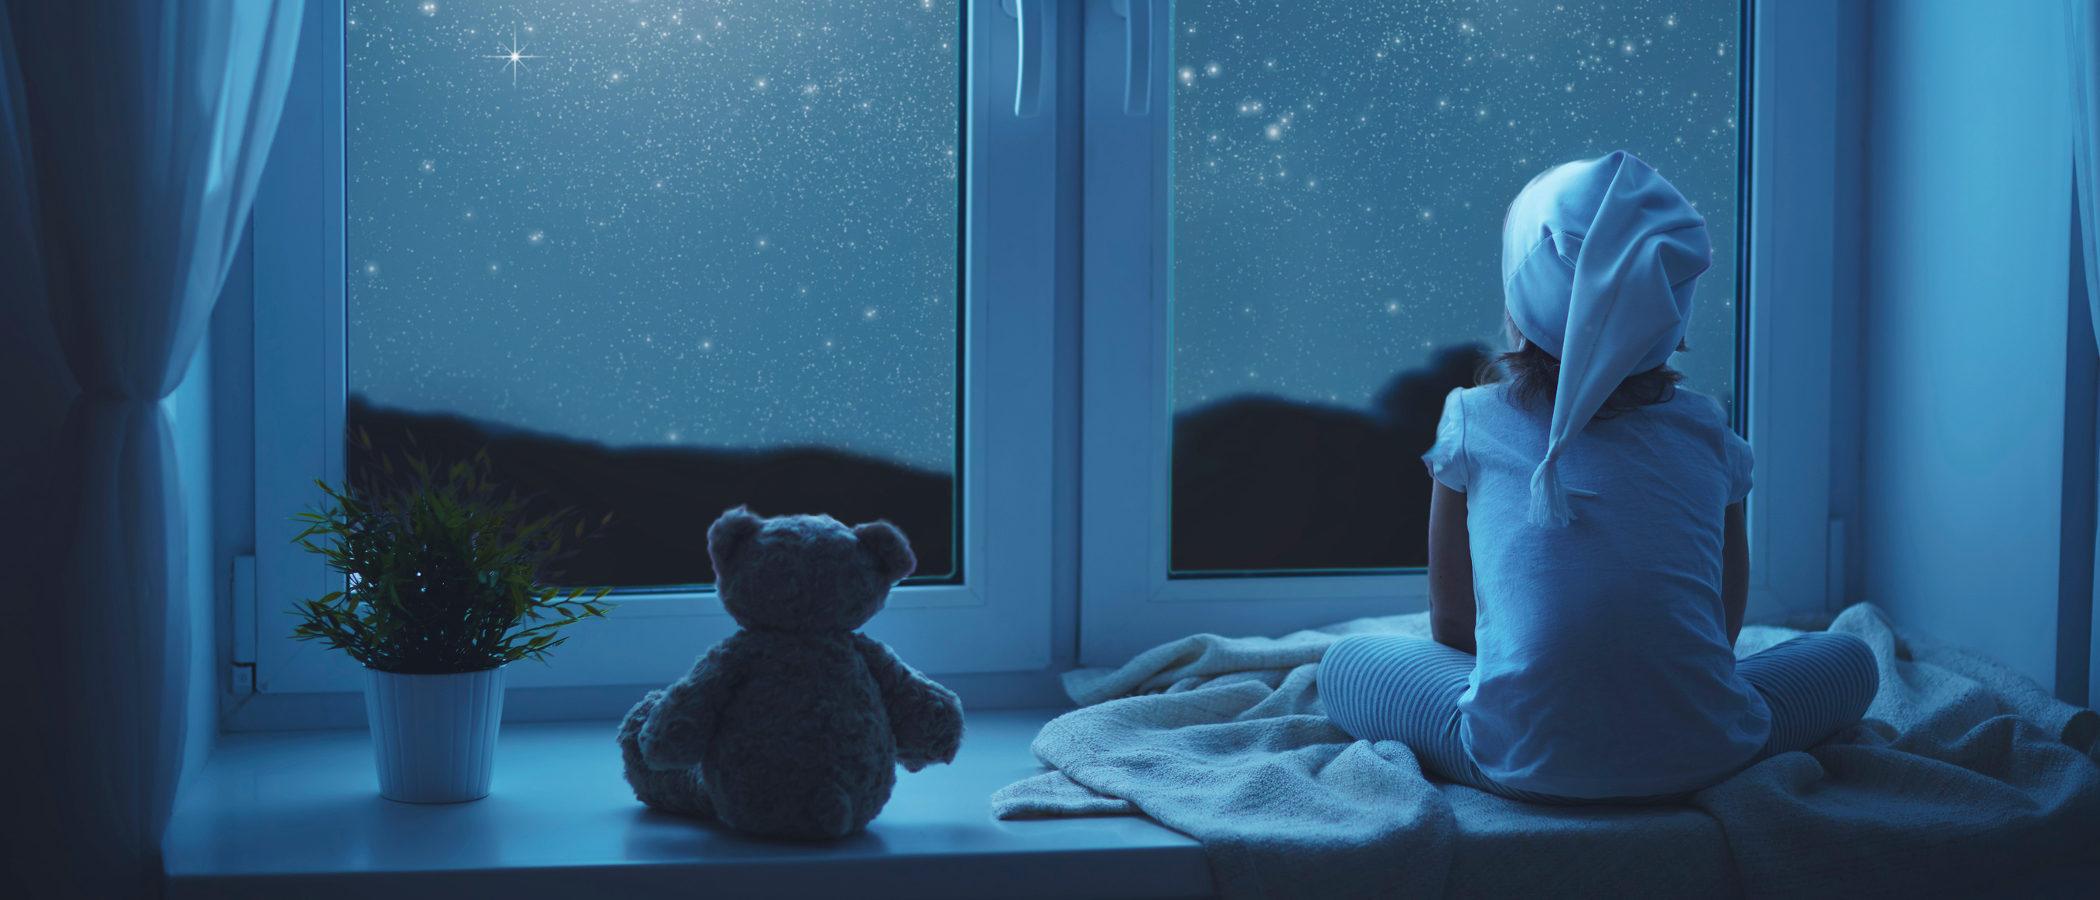 Cuentos infantiles para la hora de a dormir - Bekia Padres